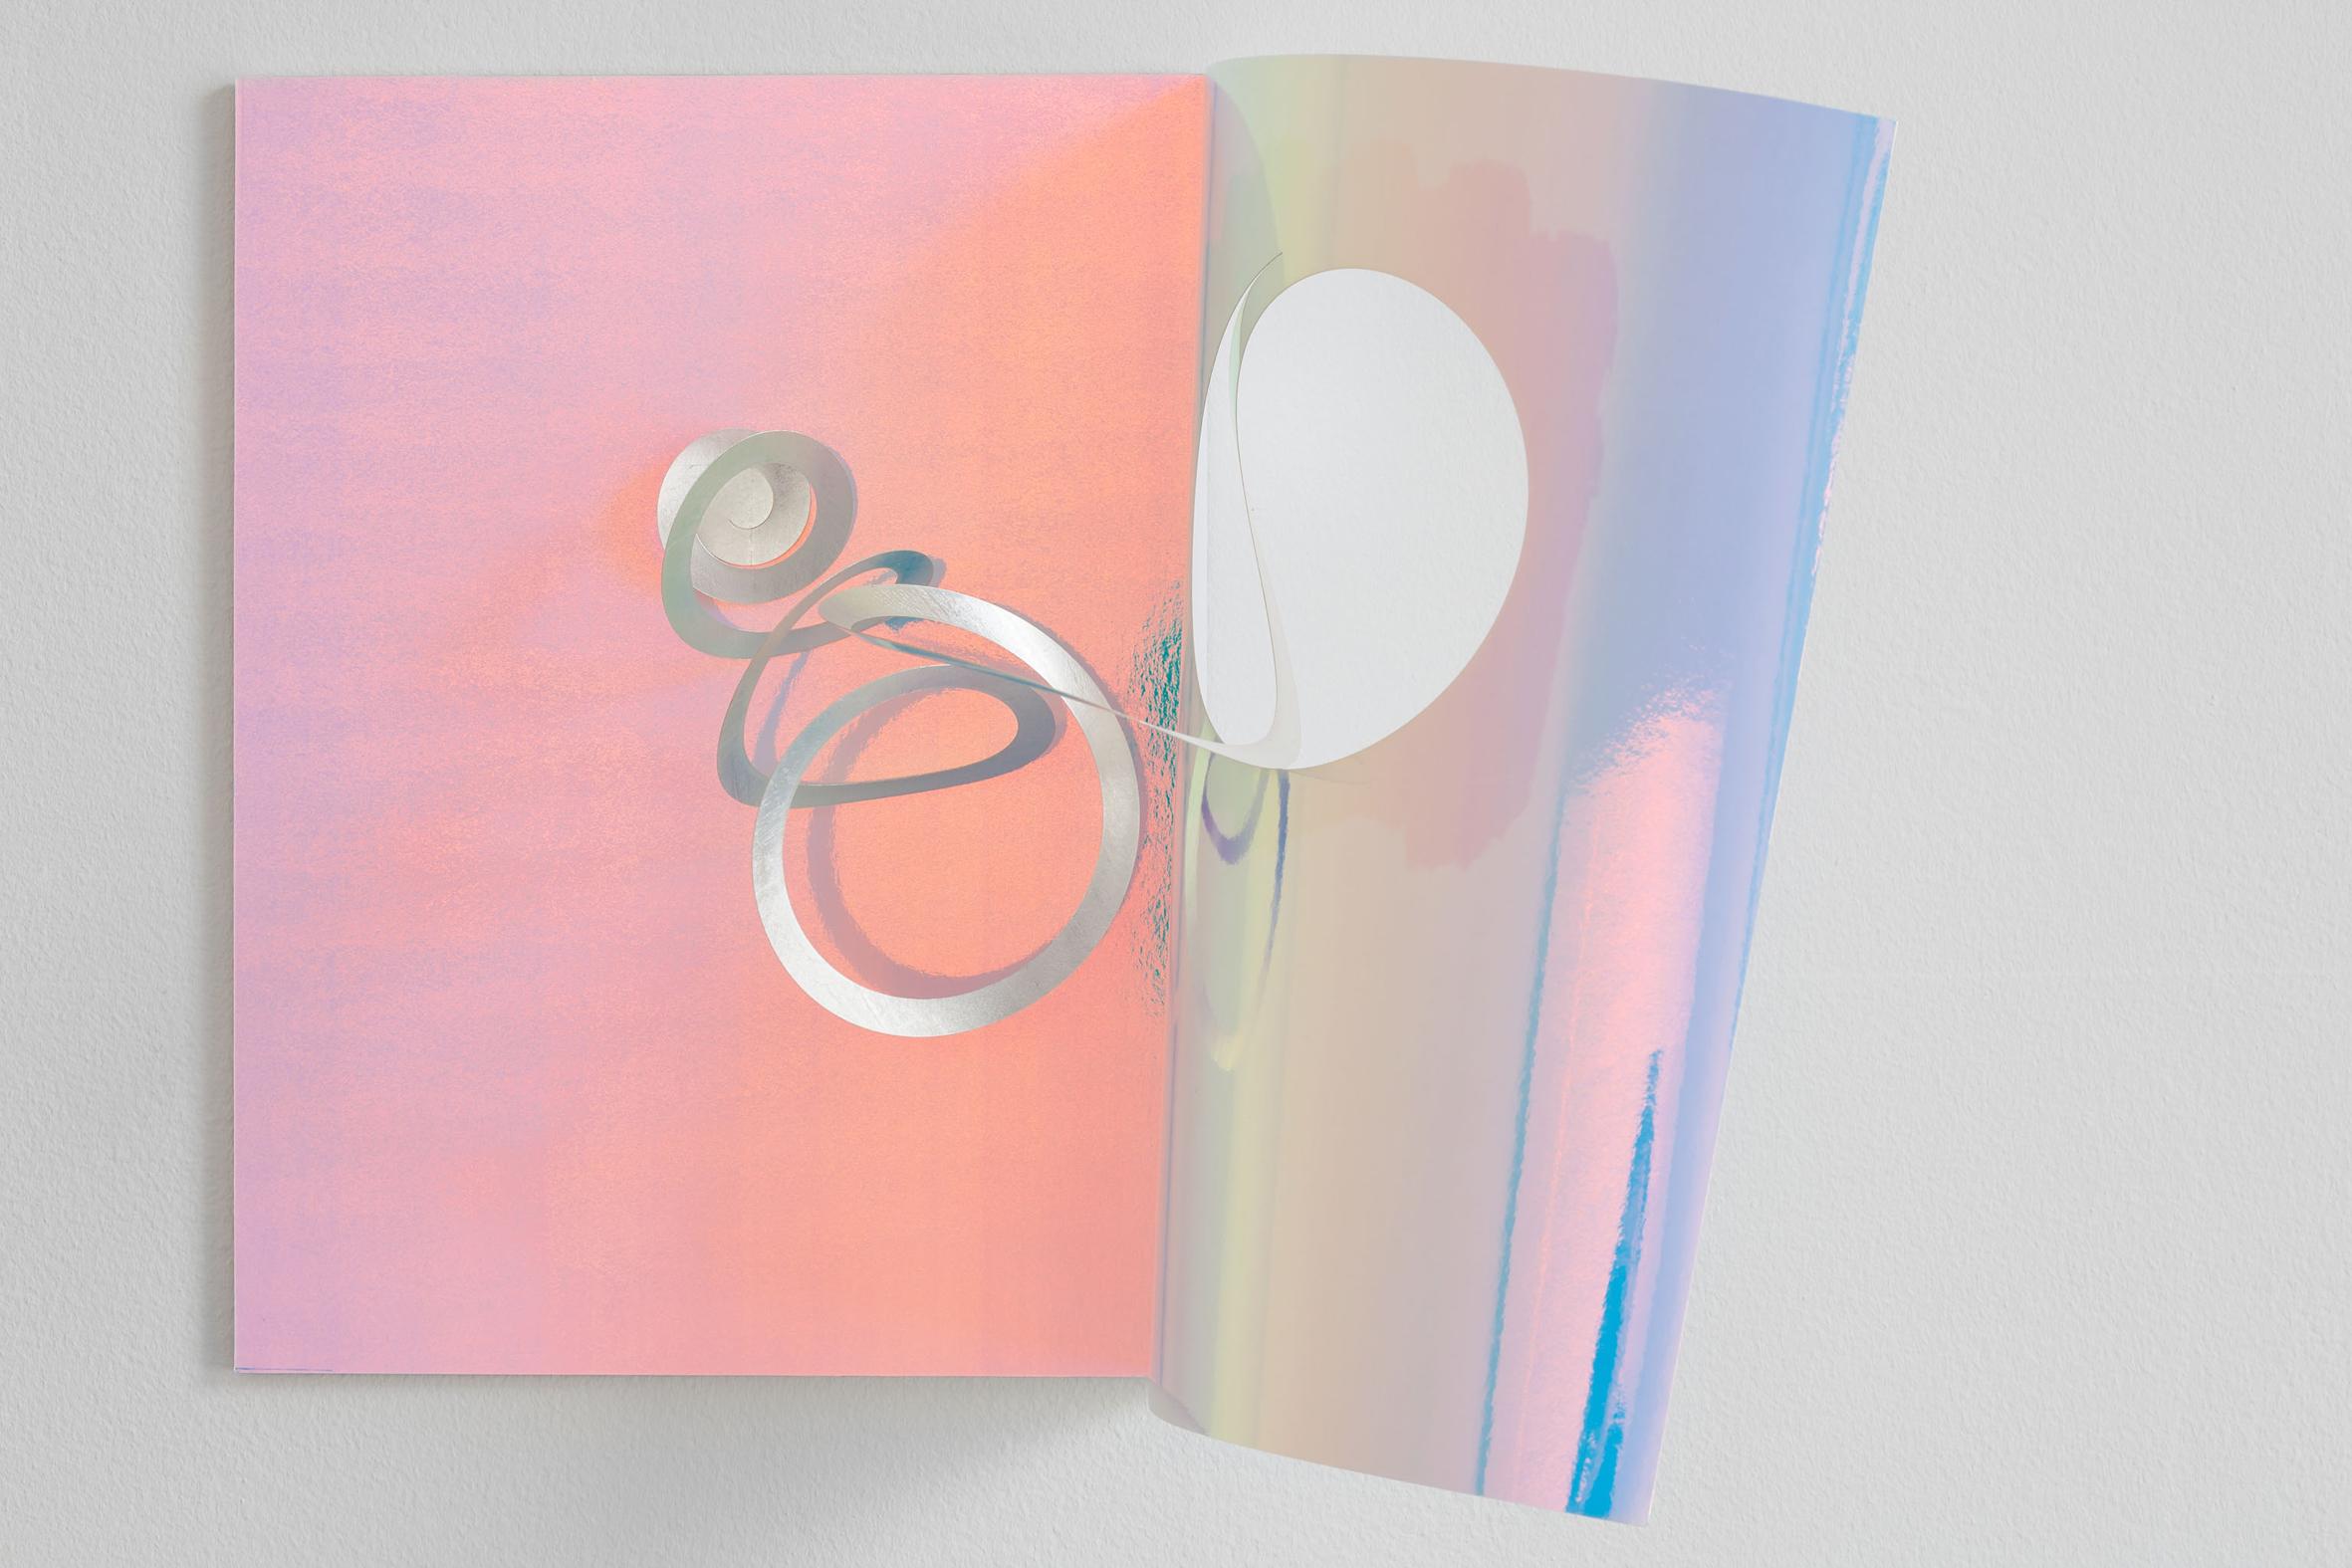 Stay put, 2013, Cardboard, silver leaf, wooden panel, 30 x 40 x 0,5 cm